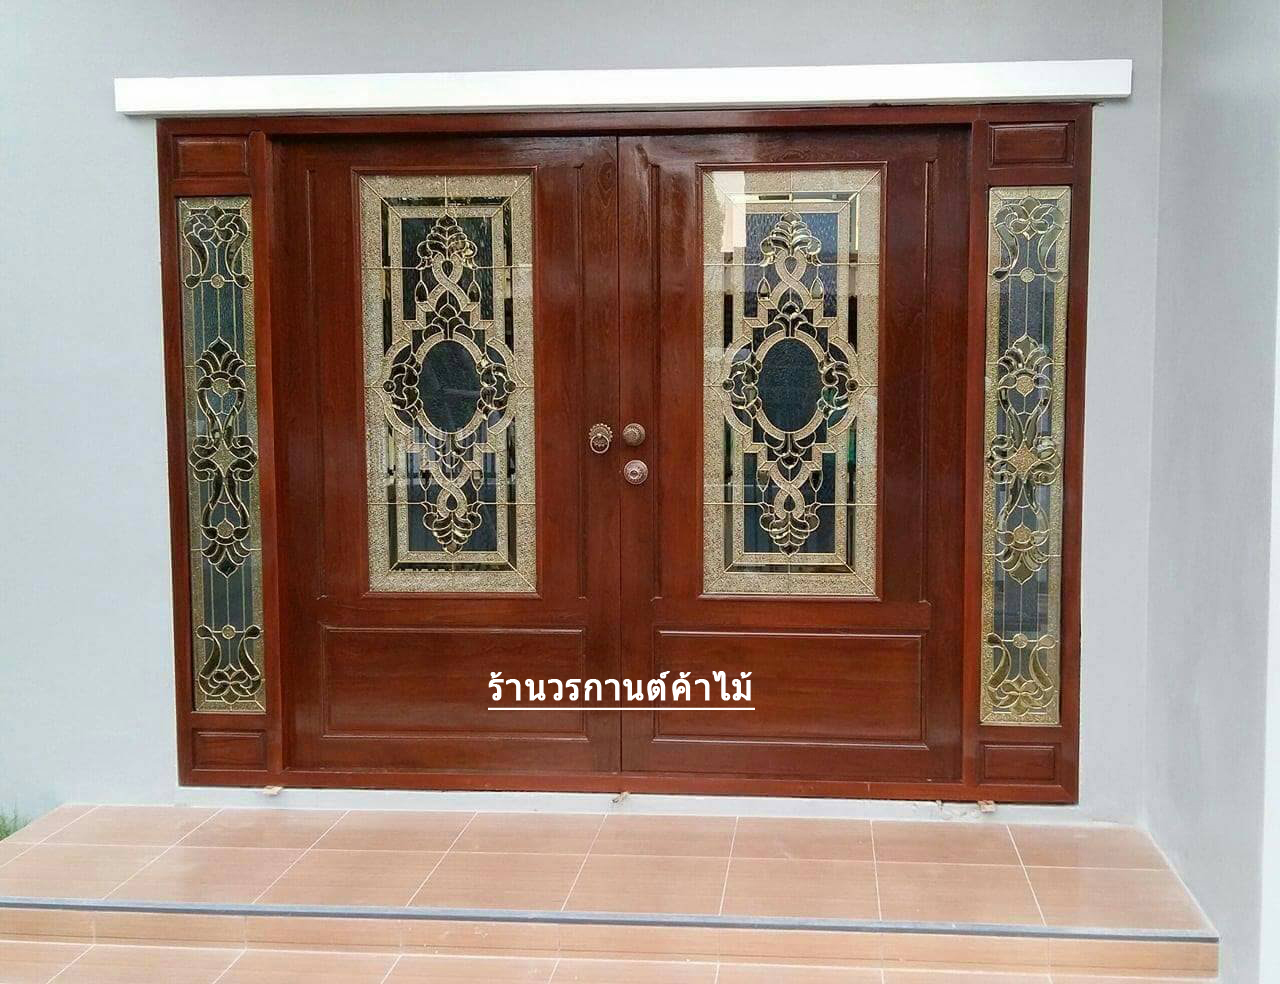 ประตูไม้สักกระจกนิรภัยครึ่งบานเลื่อน ชุด4ชิ้น รหัสAAA28